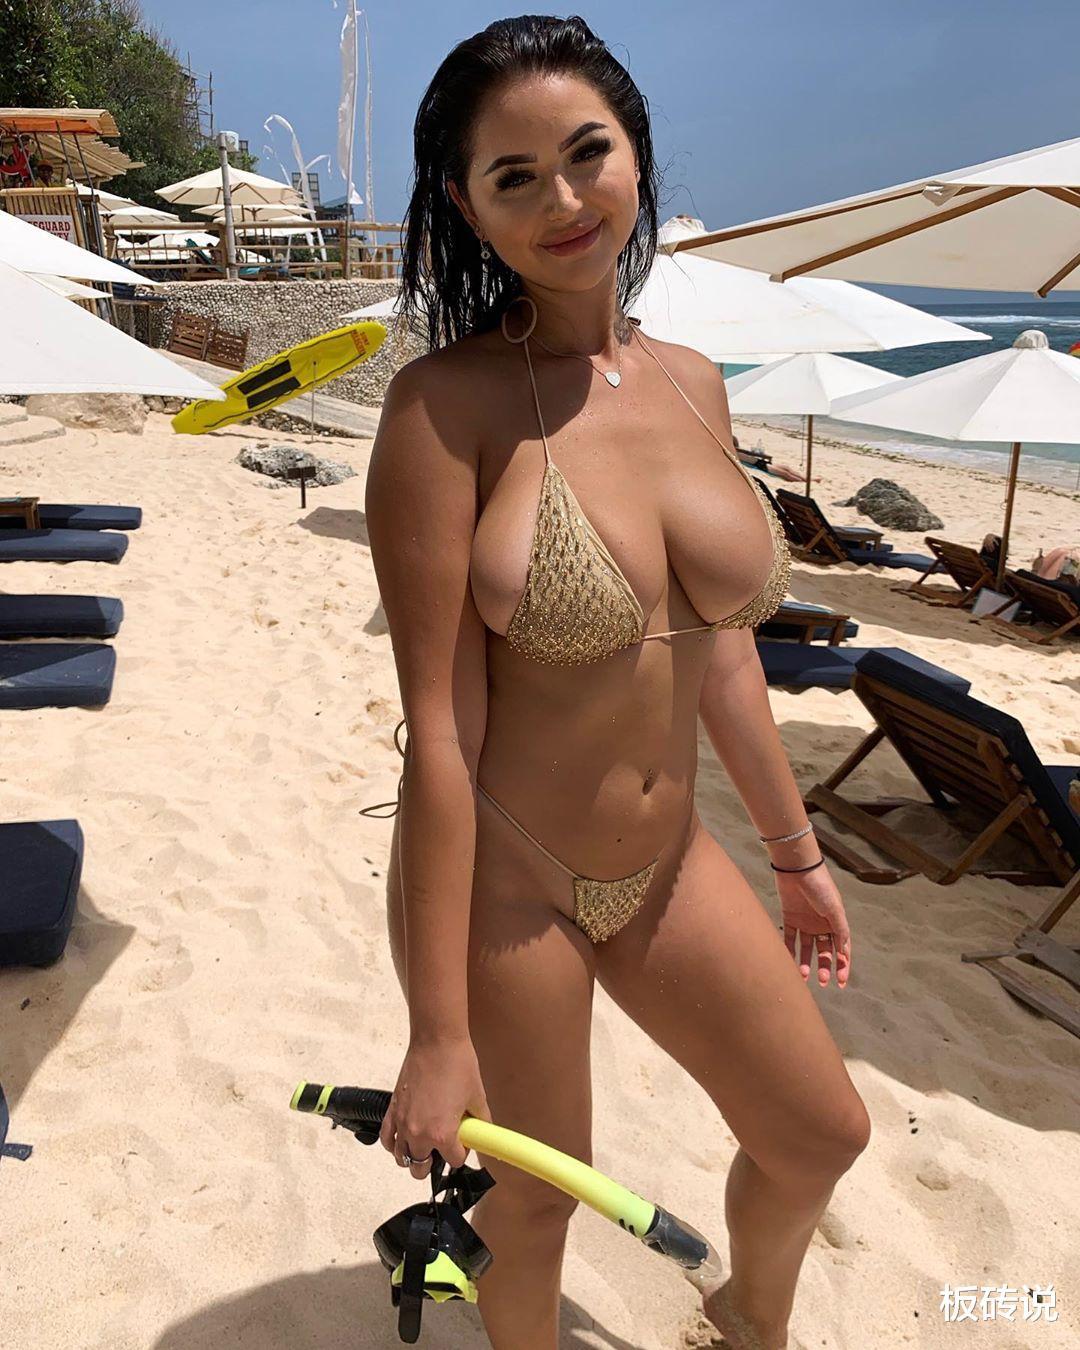 网红安娜·保罗, 微胖身形深受粉丝热捧, 火辣身材力压模特